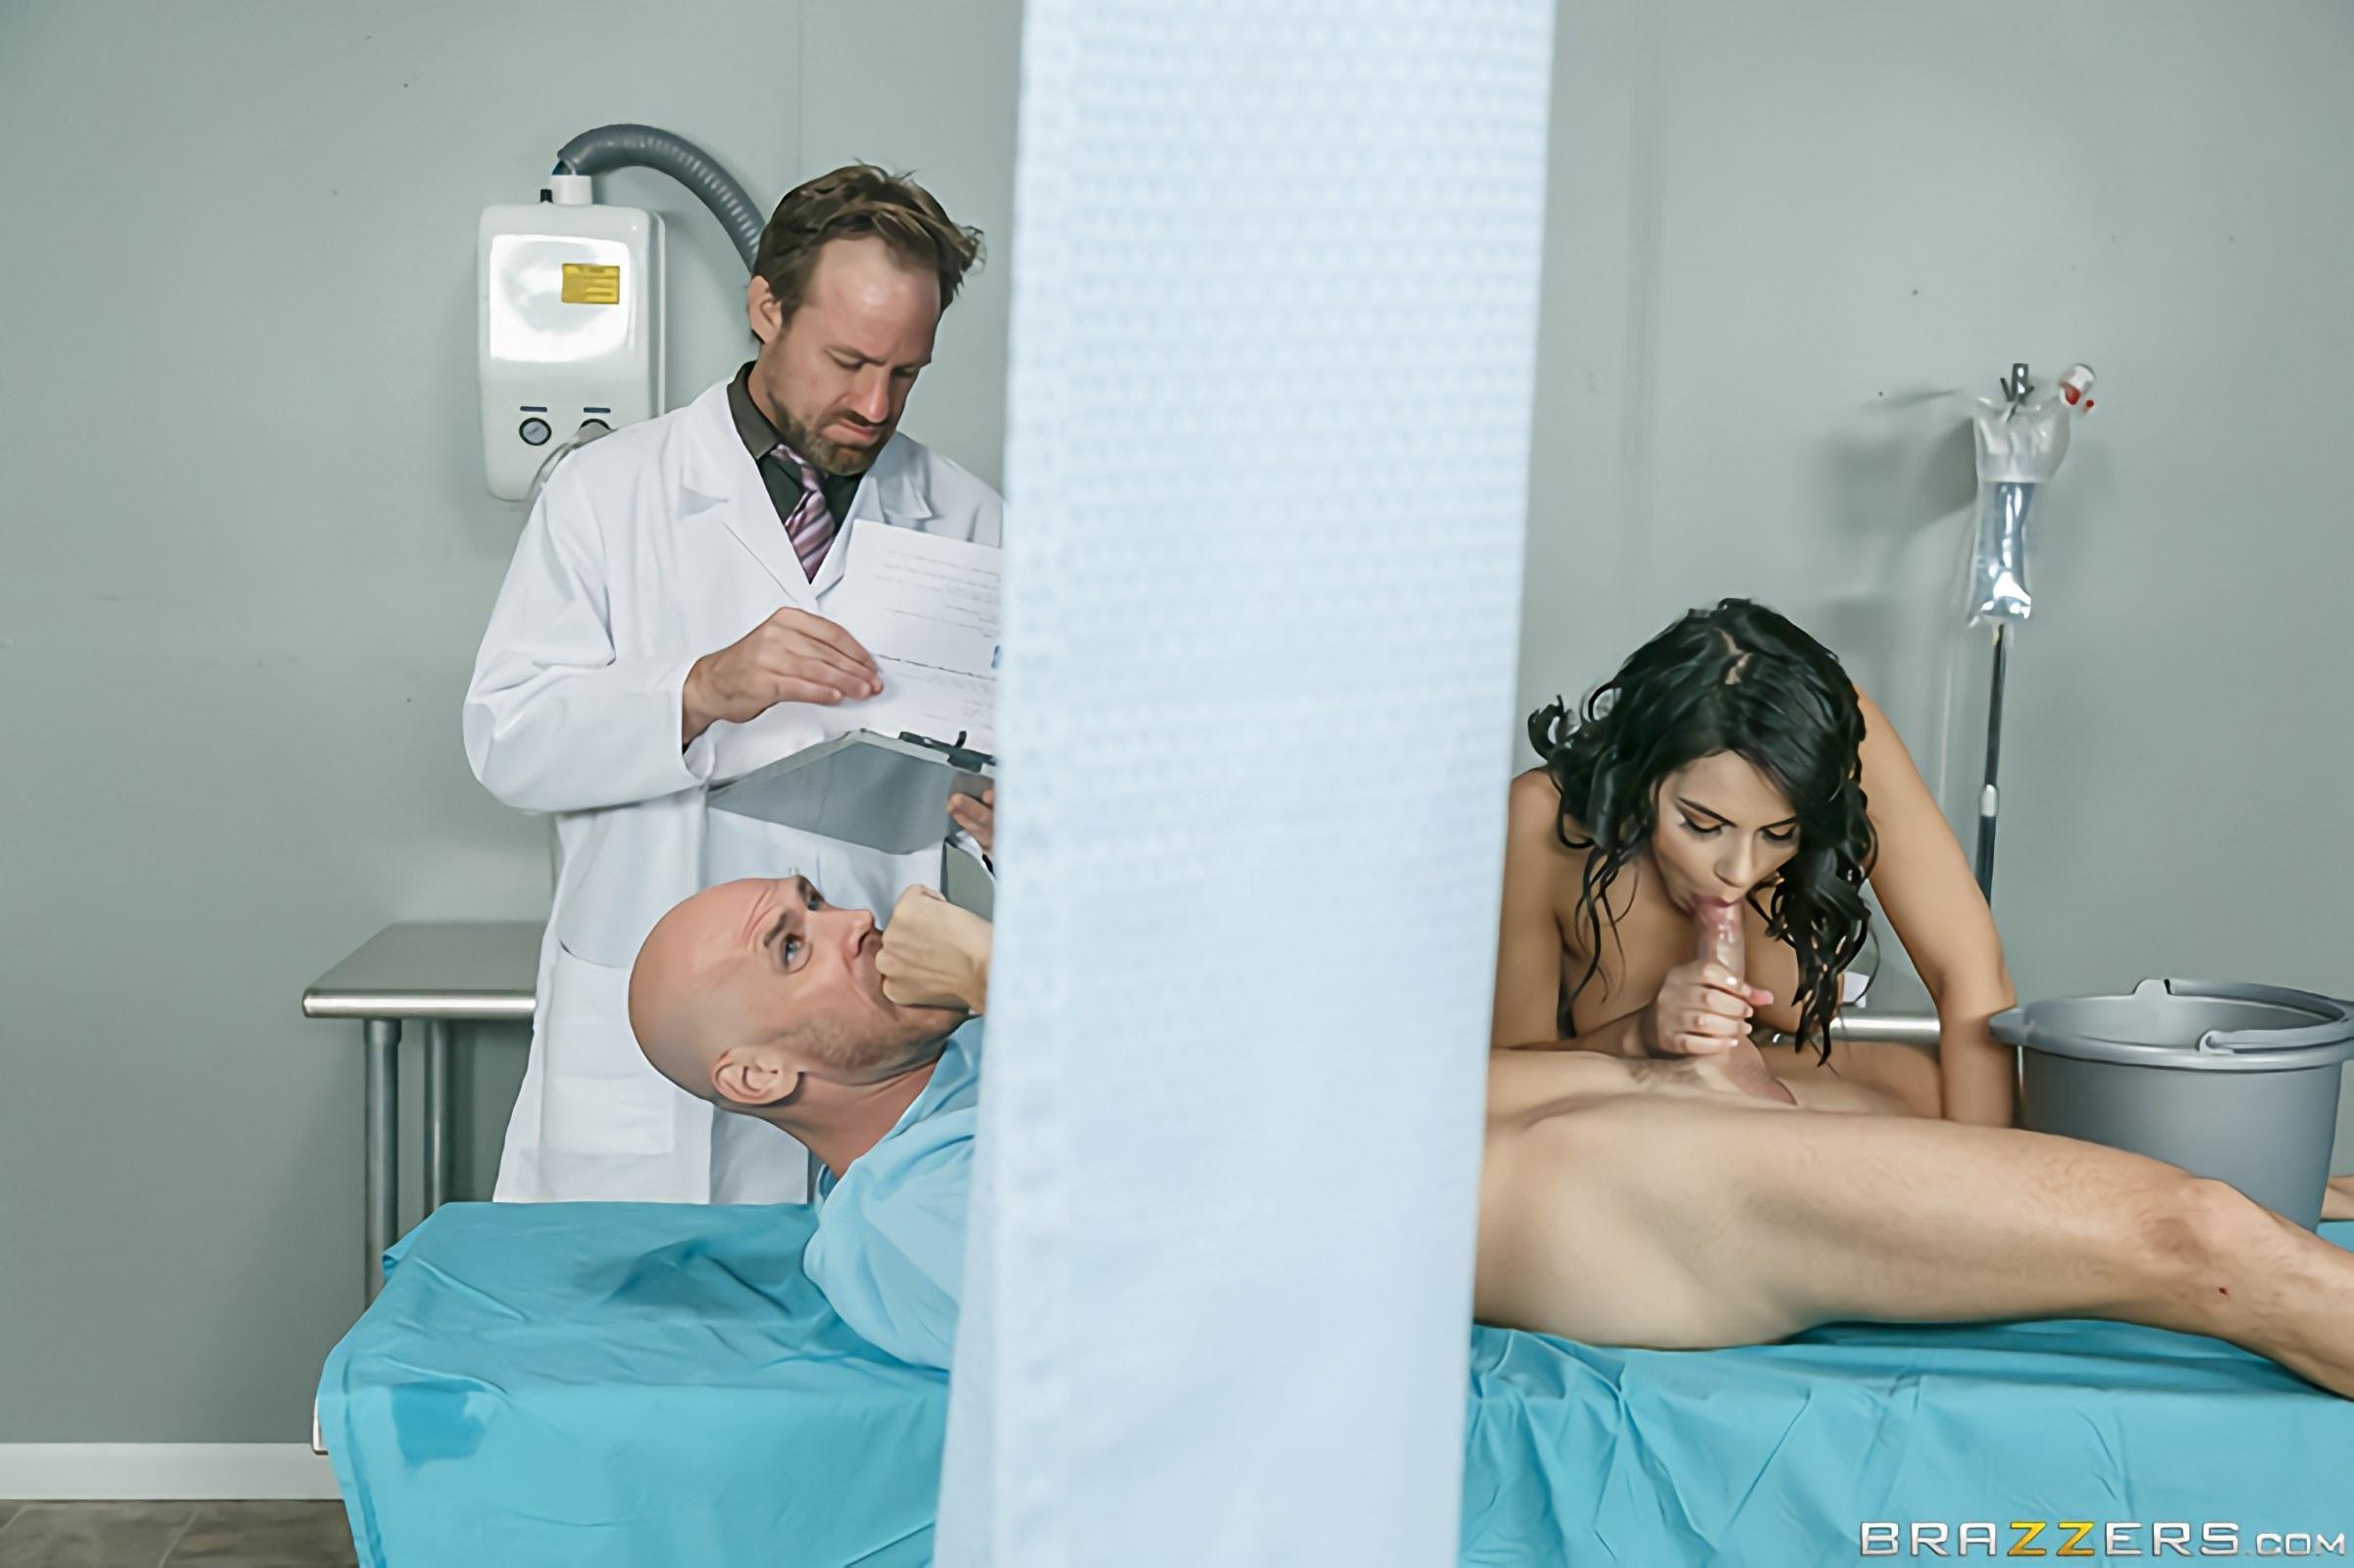 Brazzers 'A Nurse Has Needs' starring Valentina Nappi (Photo 14)